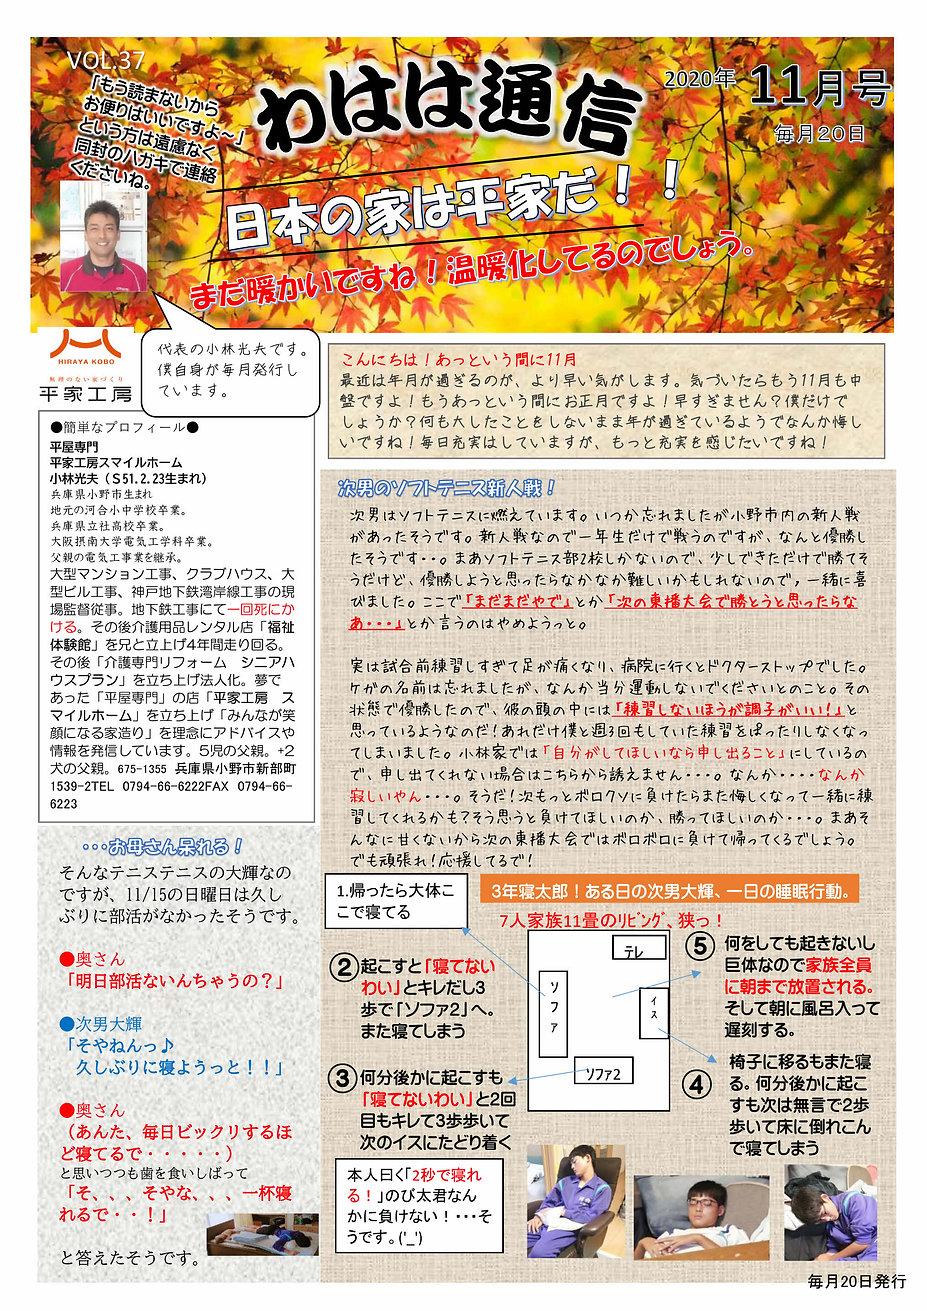 わはは通信2020_11月号_page001.jpg